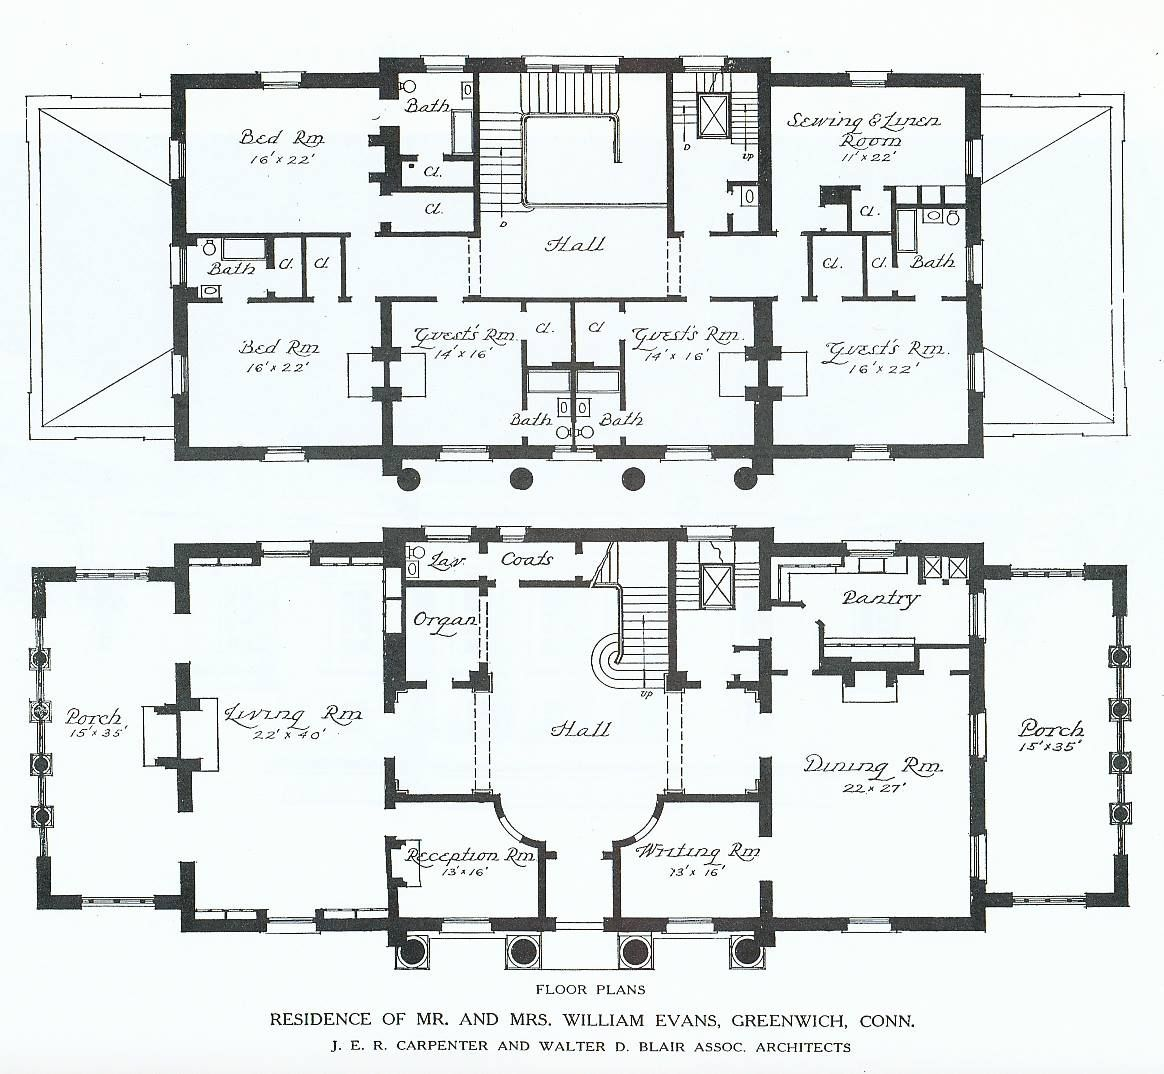 Villa grundrisse greenwich connecticut amerikanischer häuser baupläne herrenhäuser architekturzeichnungen asheville haus pläne gehäuse